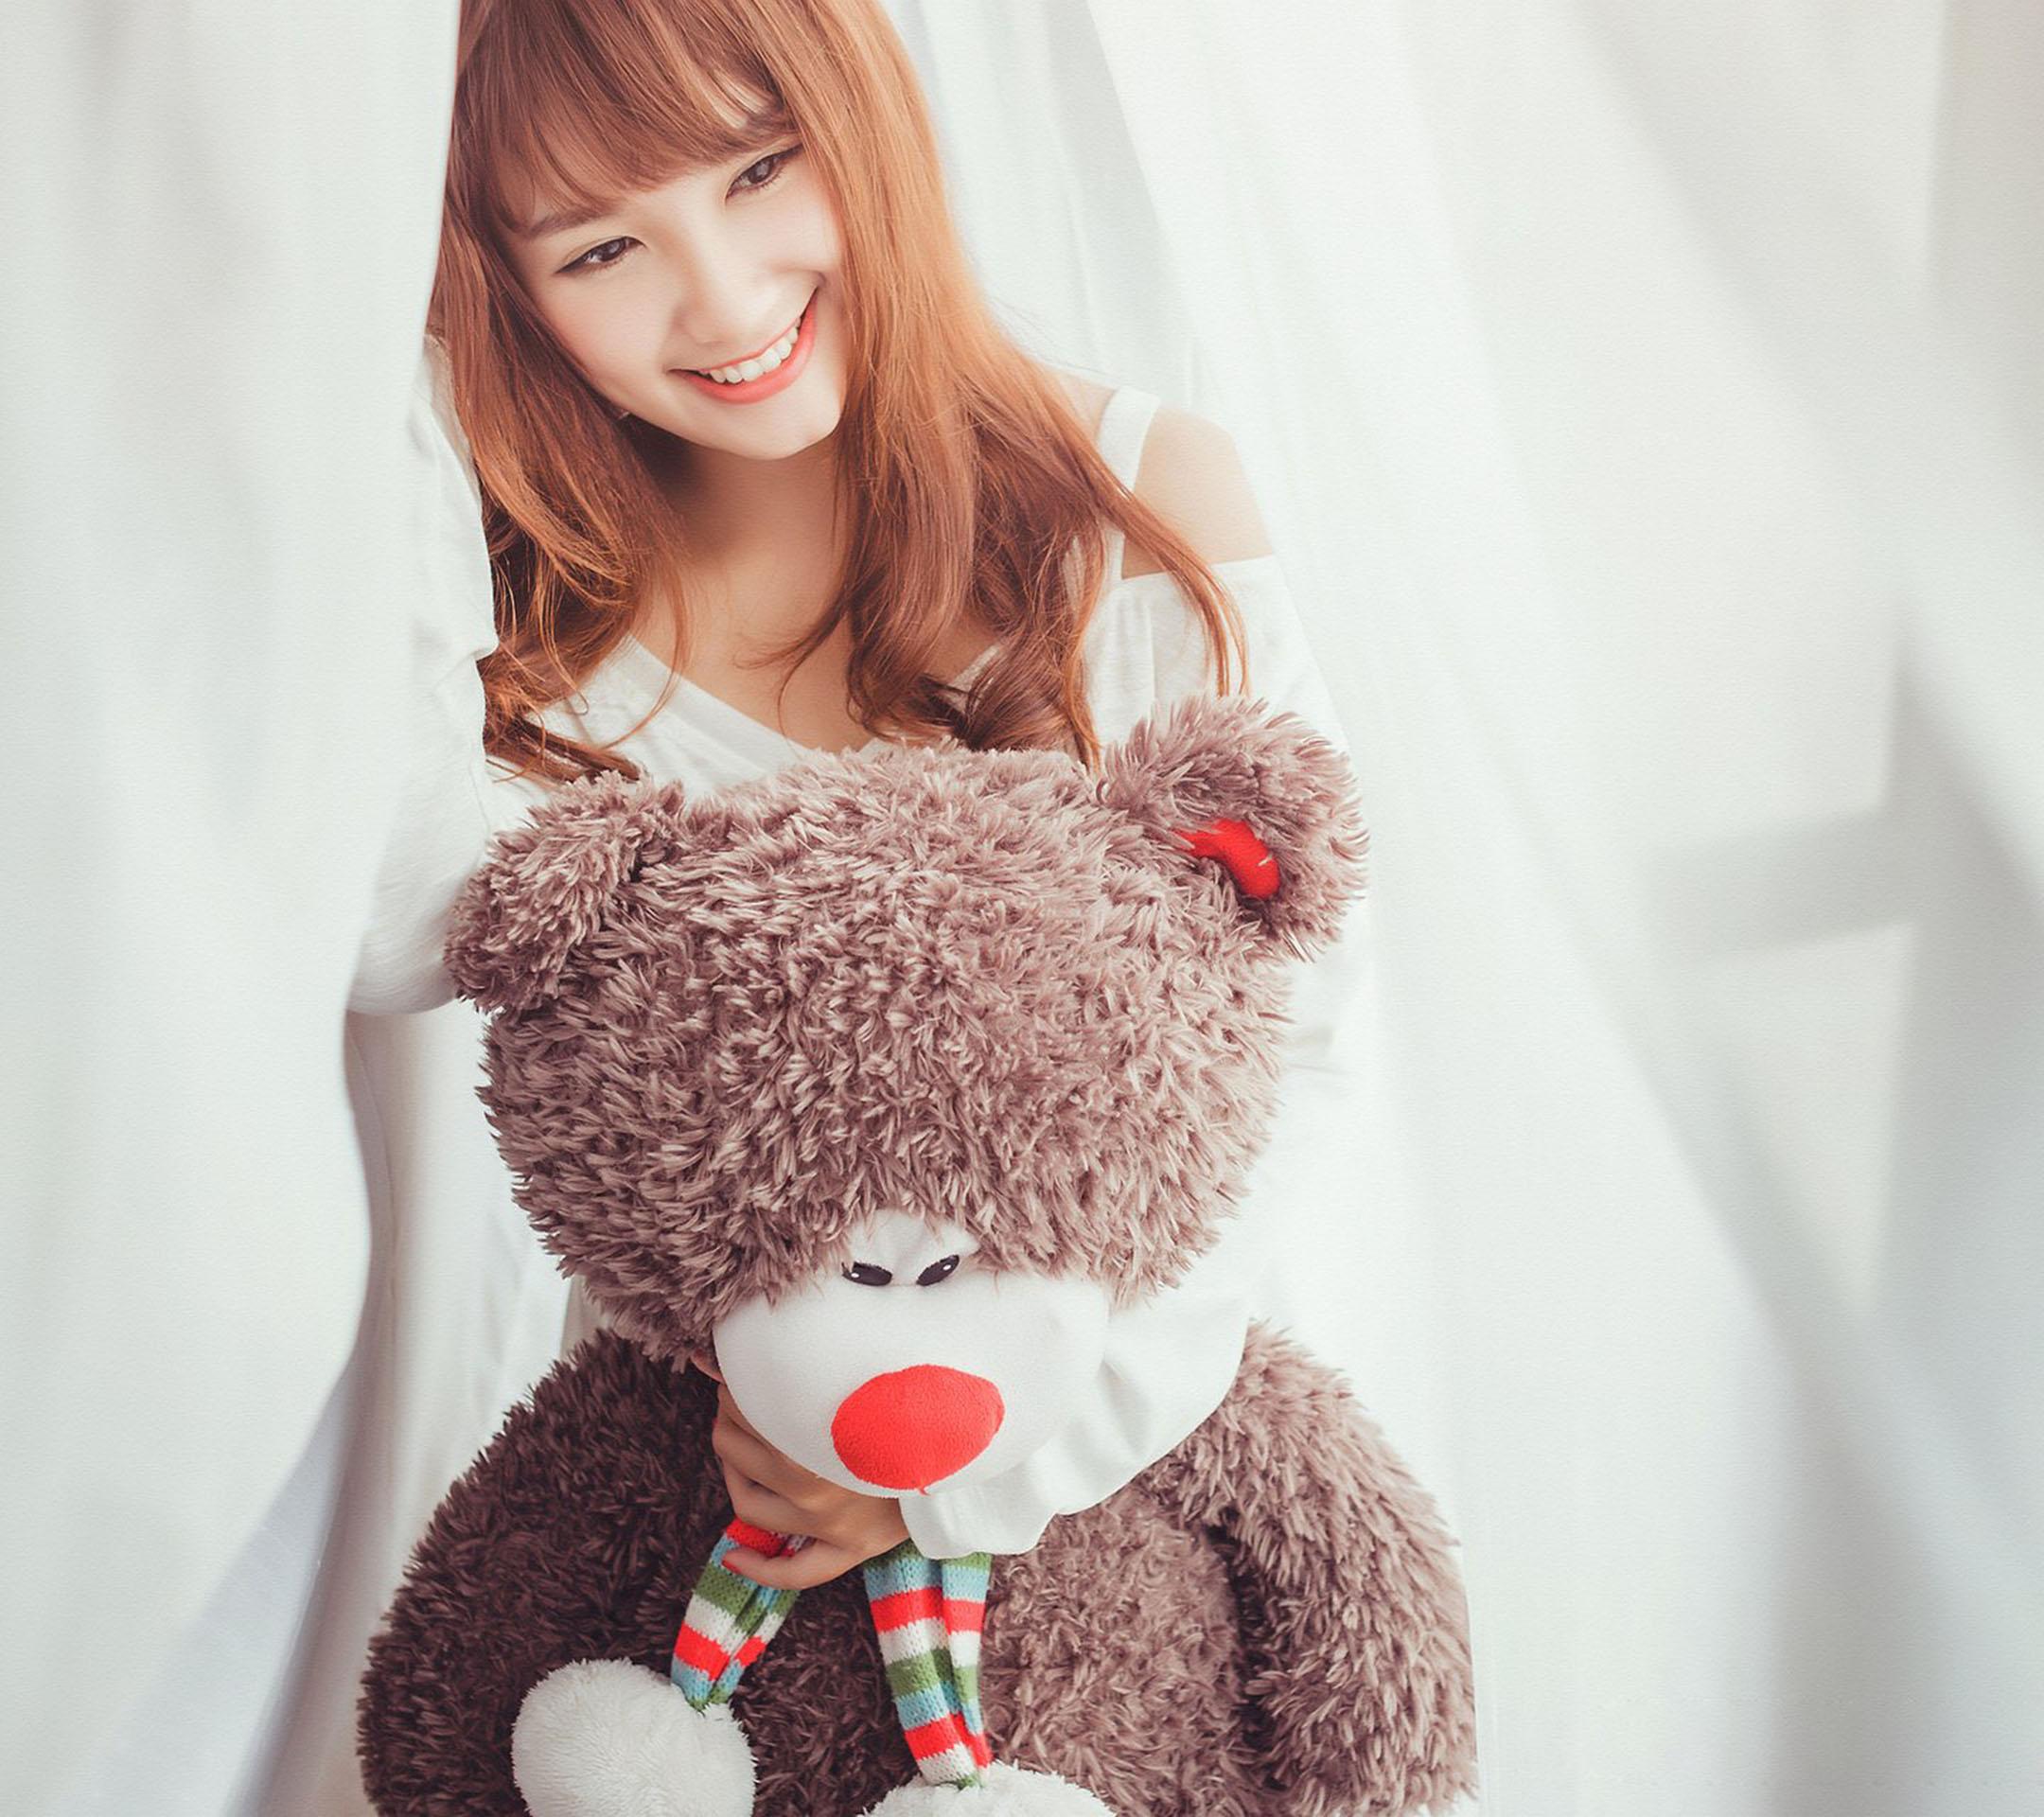 求视频美女qq_求好看,漂亮,清纯,小清新的QQ女生头像,质量和速度 ...